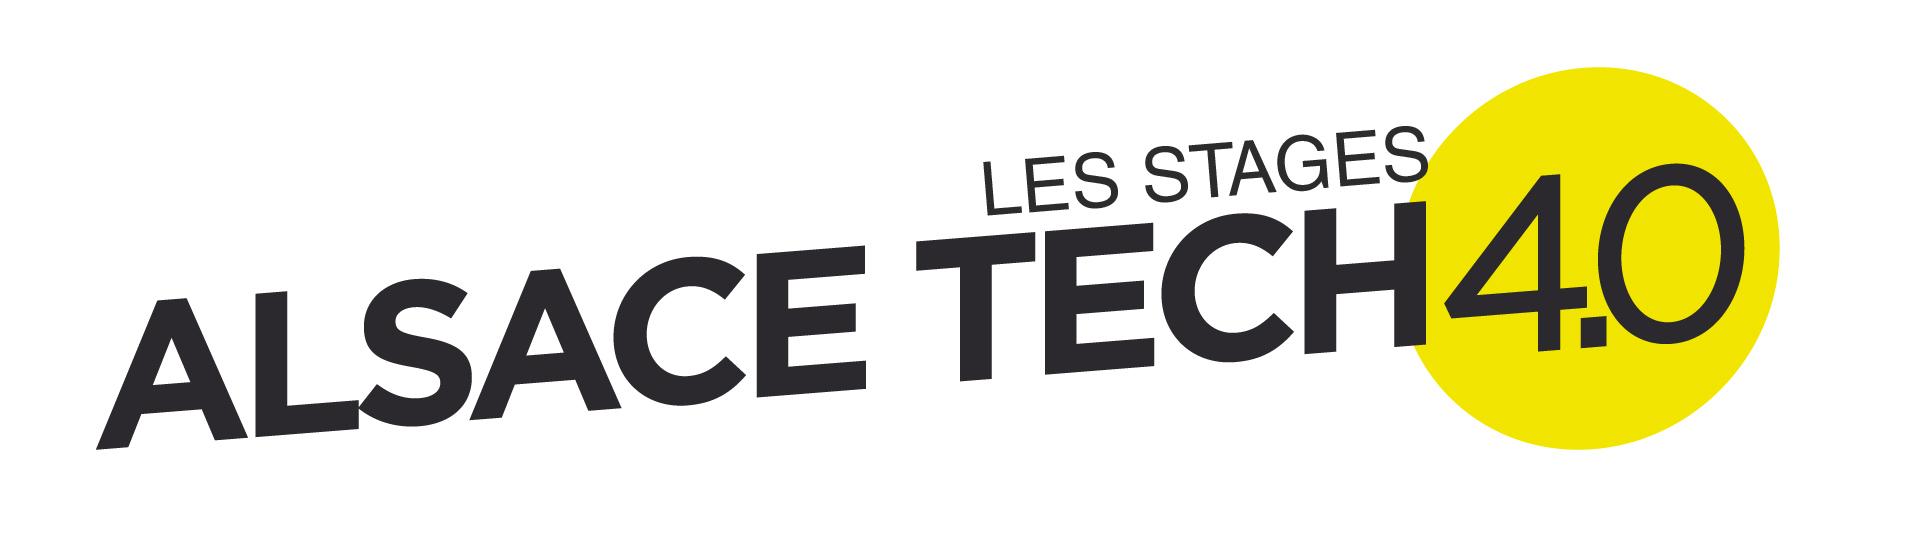 Visuel les stages Alsace tech 4.0